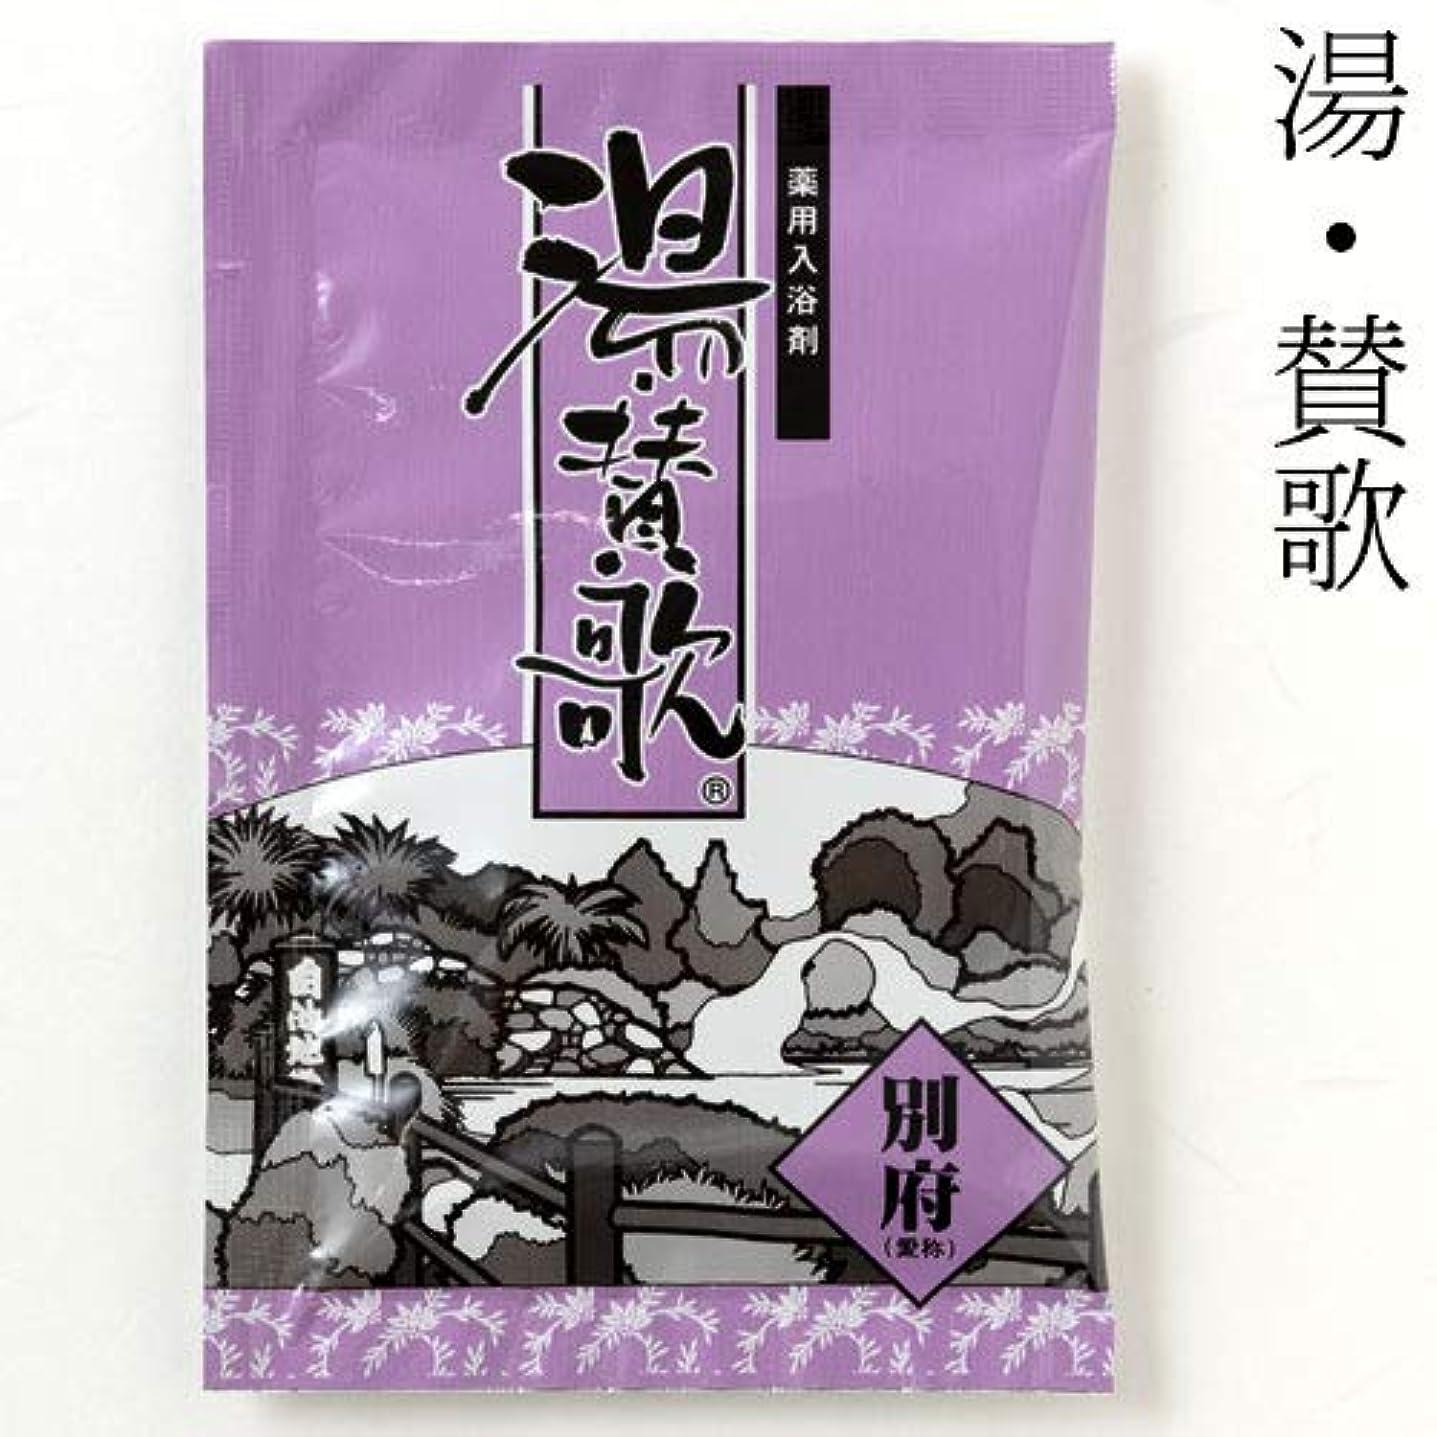 家事かどうか禁止する入浴剤湯?賛歌別府1包石川県のお風呂グッズBath additive, Ishikawa craft